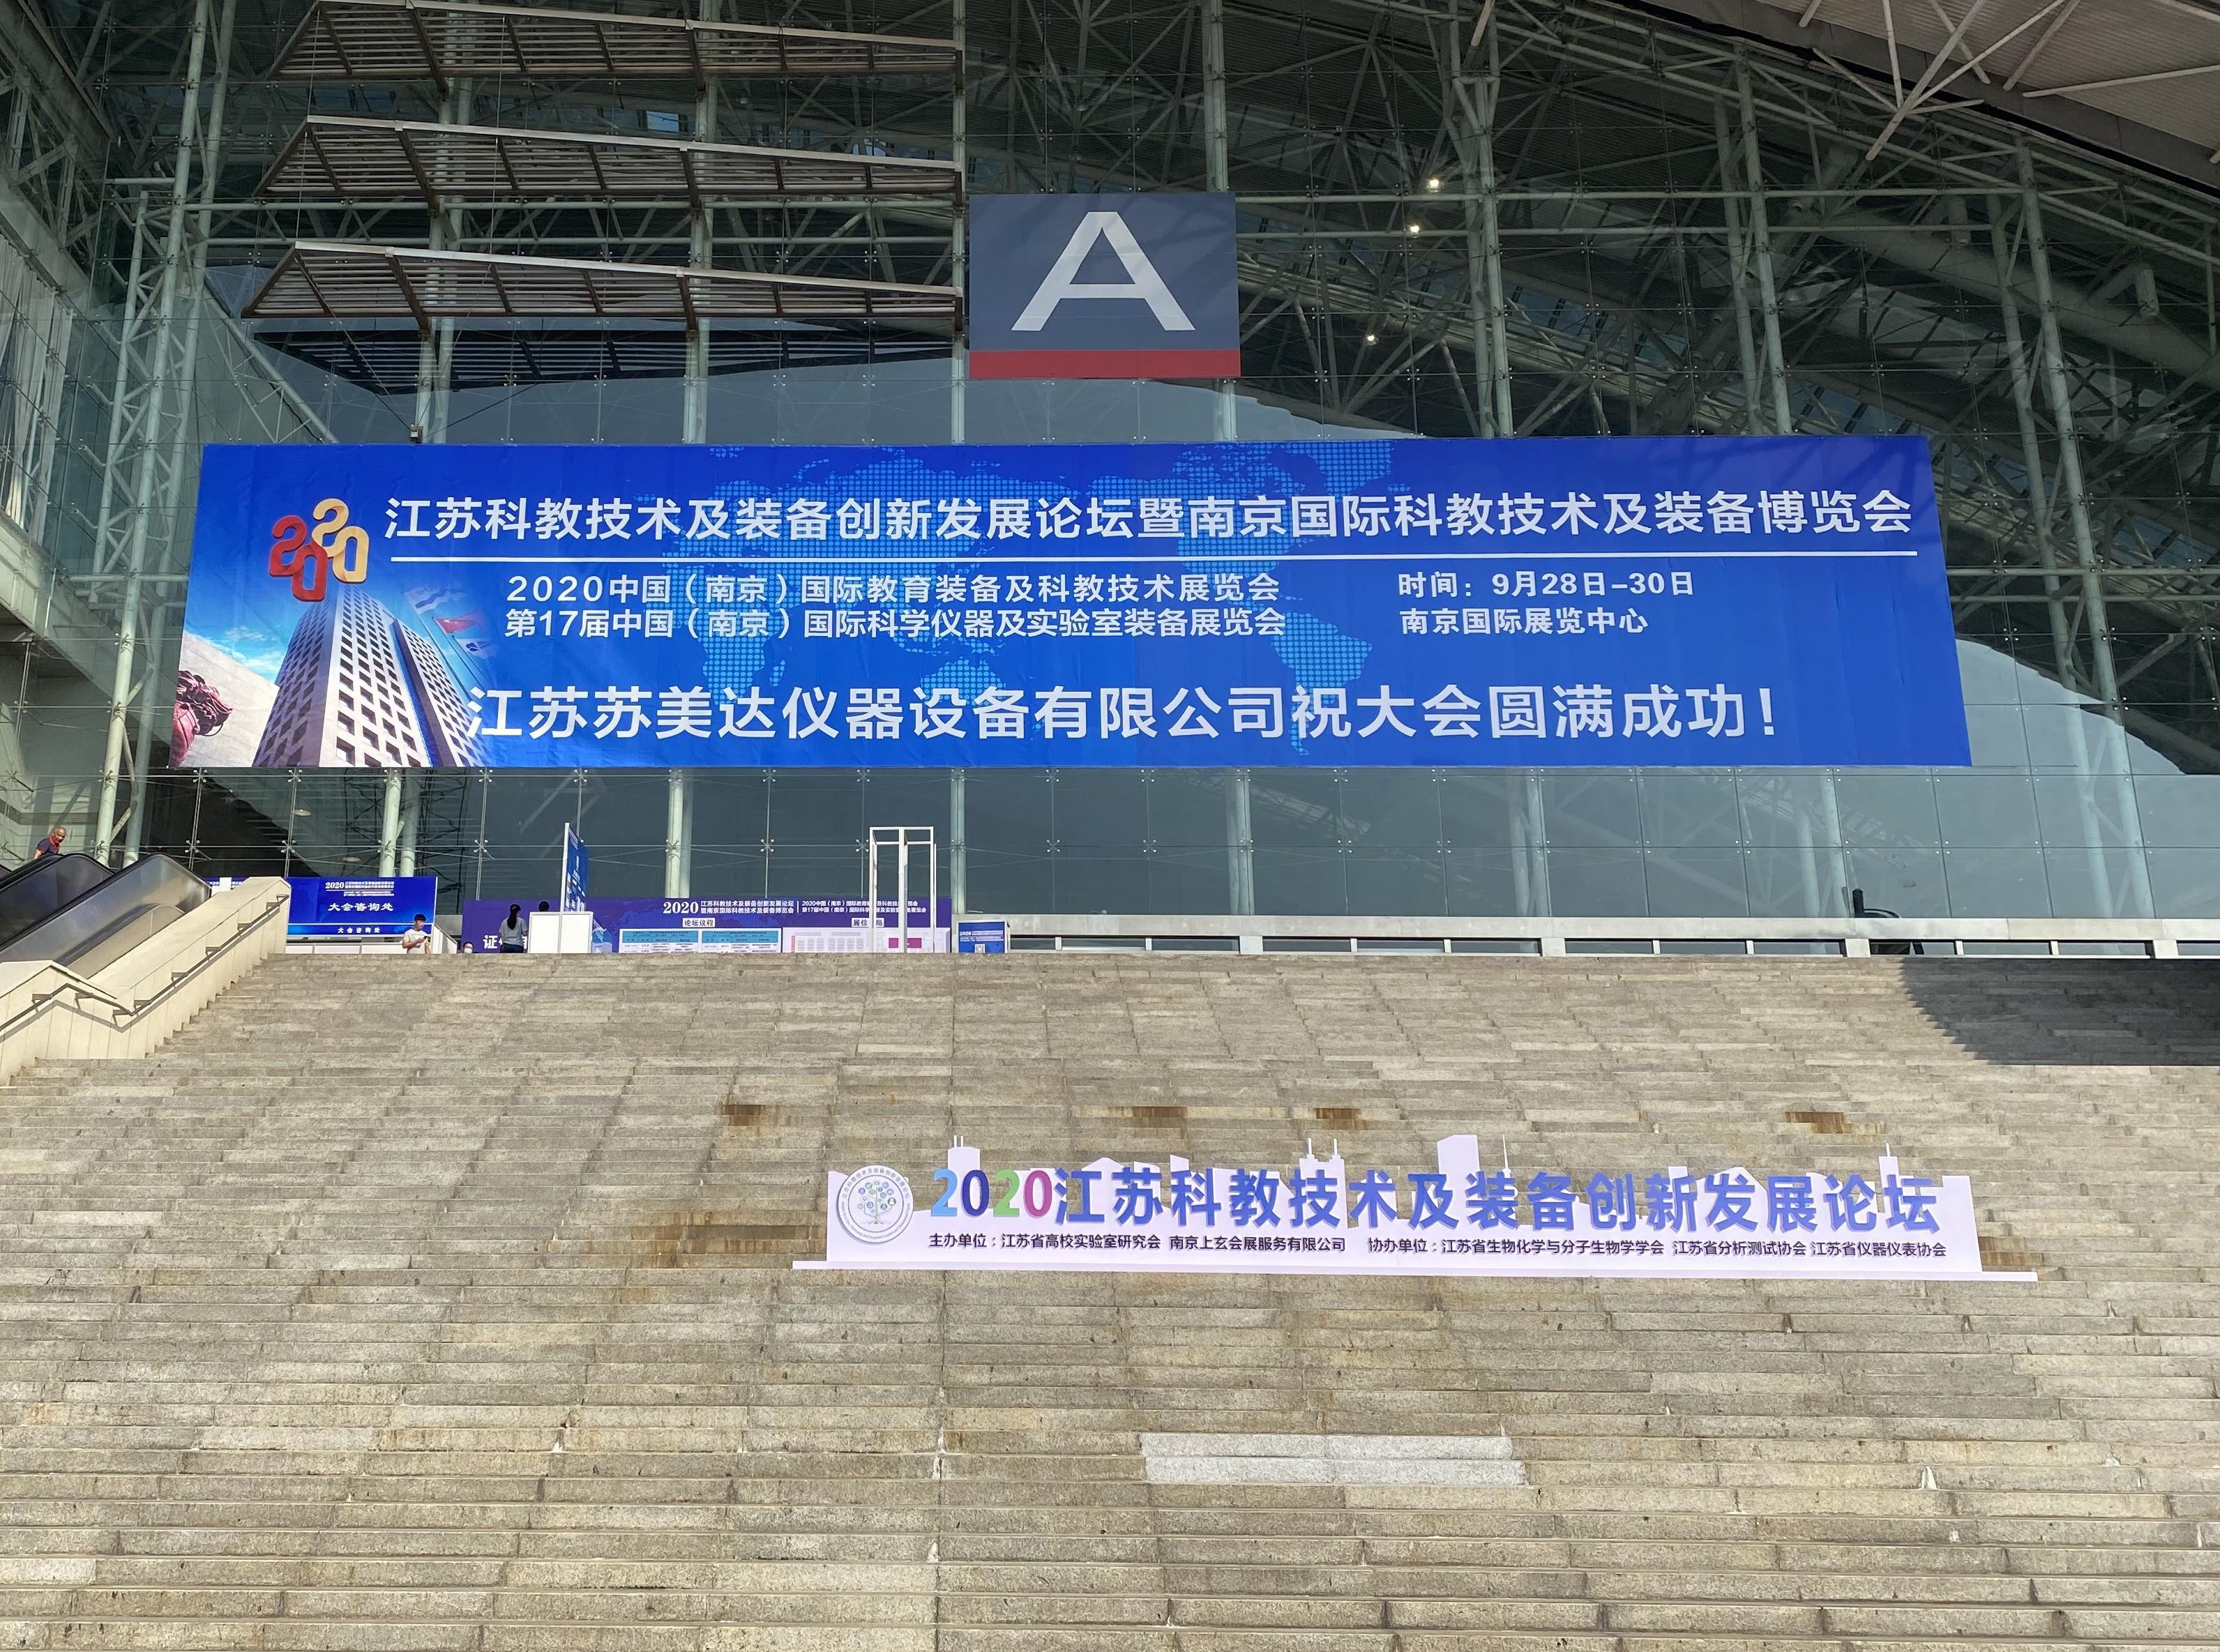 2020第十七届中国南京科学仪器及实验室装备展览会在南京盛大开幕